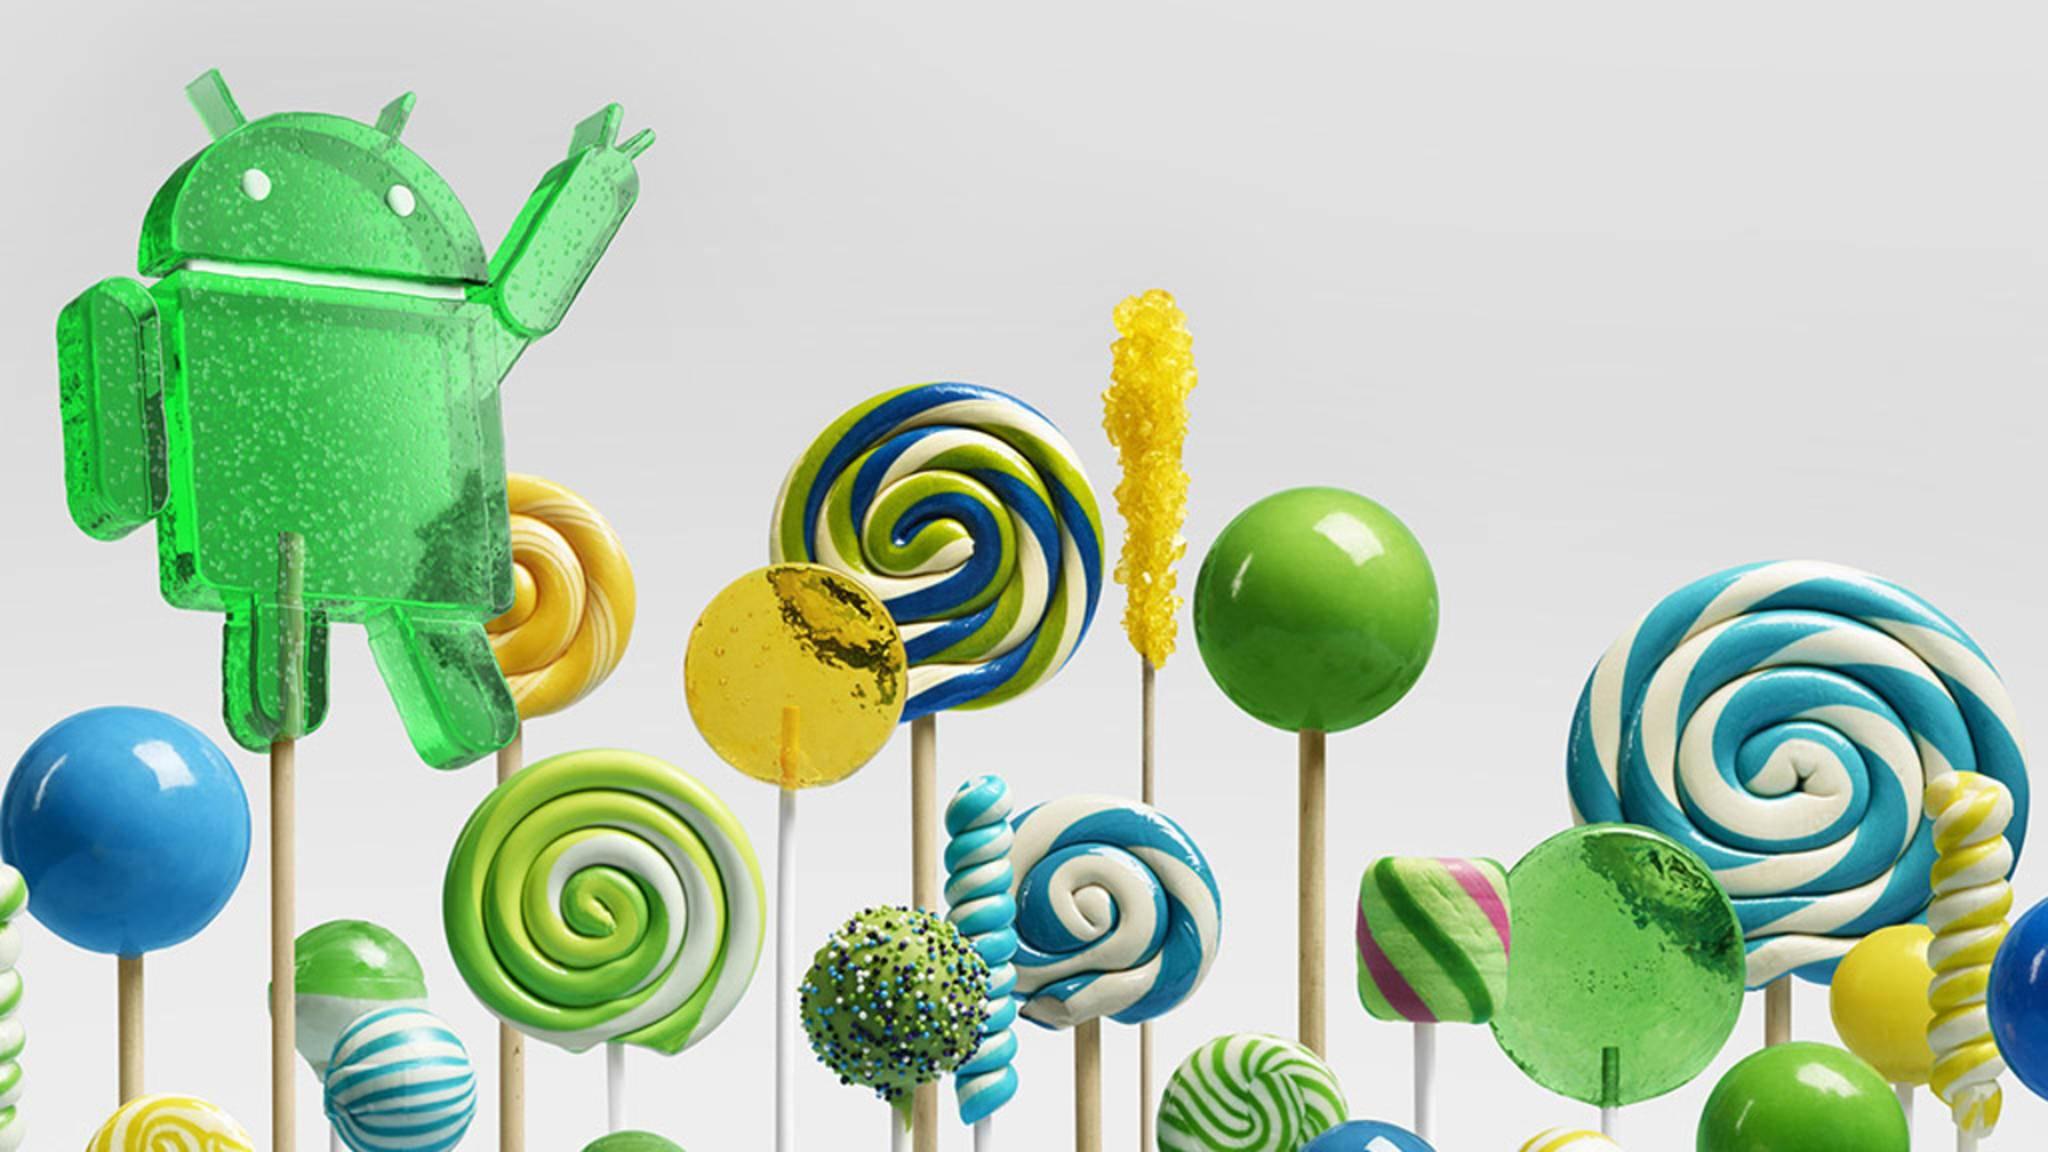 10 Probleme mit Android 5.1.1 Lollipop: Eine Anleitung zur Lösung